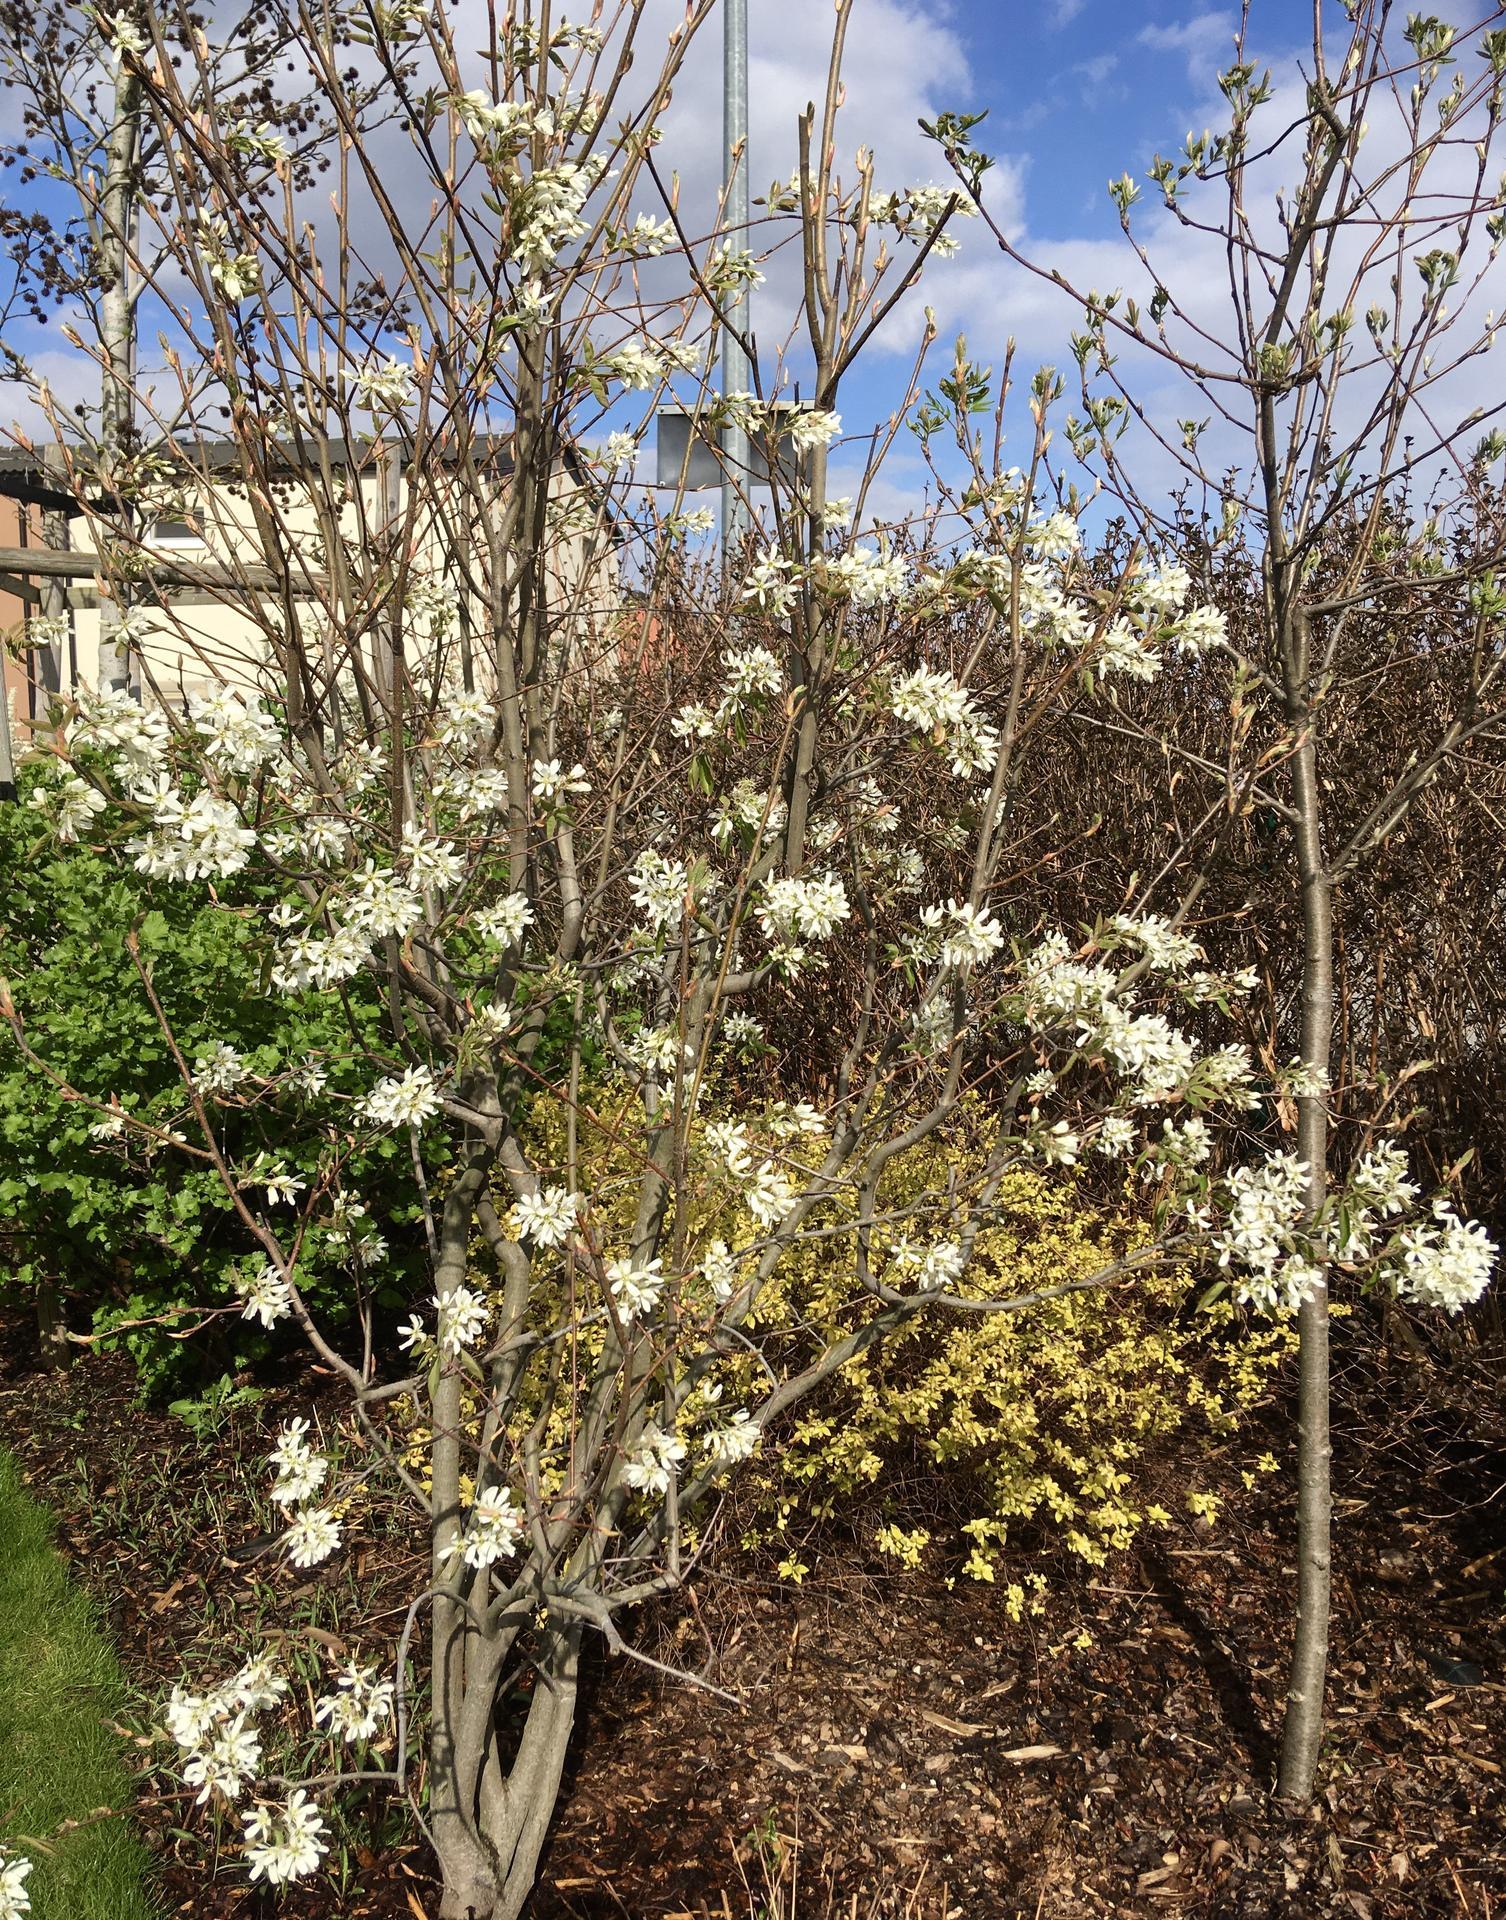 Zahrada 2020 - muchovnik v kvetu